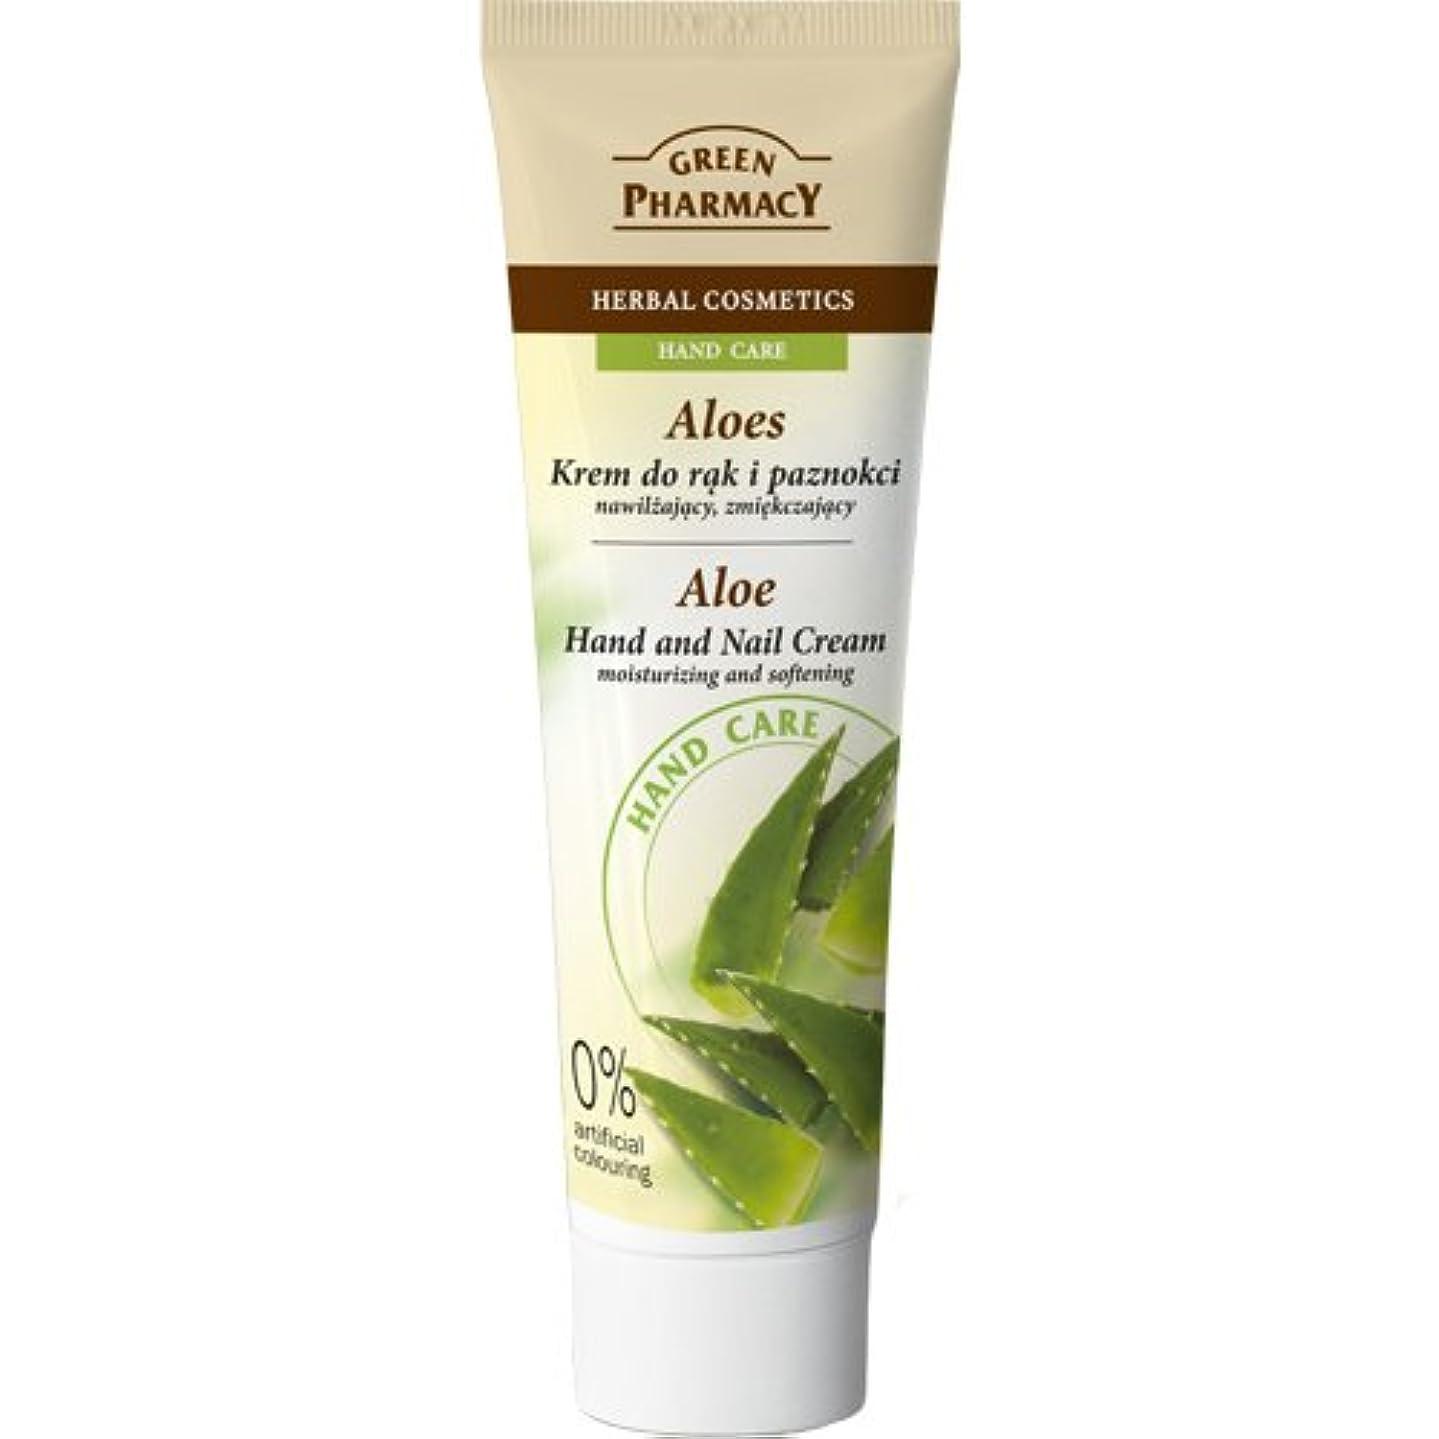 毎回翻訳する異議Elfa Pharm Green Pharmacy グリーンファーマシー Hand&Nail Cream ハンド&ネイルクリーム Aloe アロエ